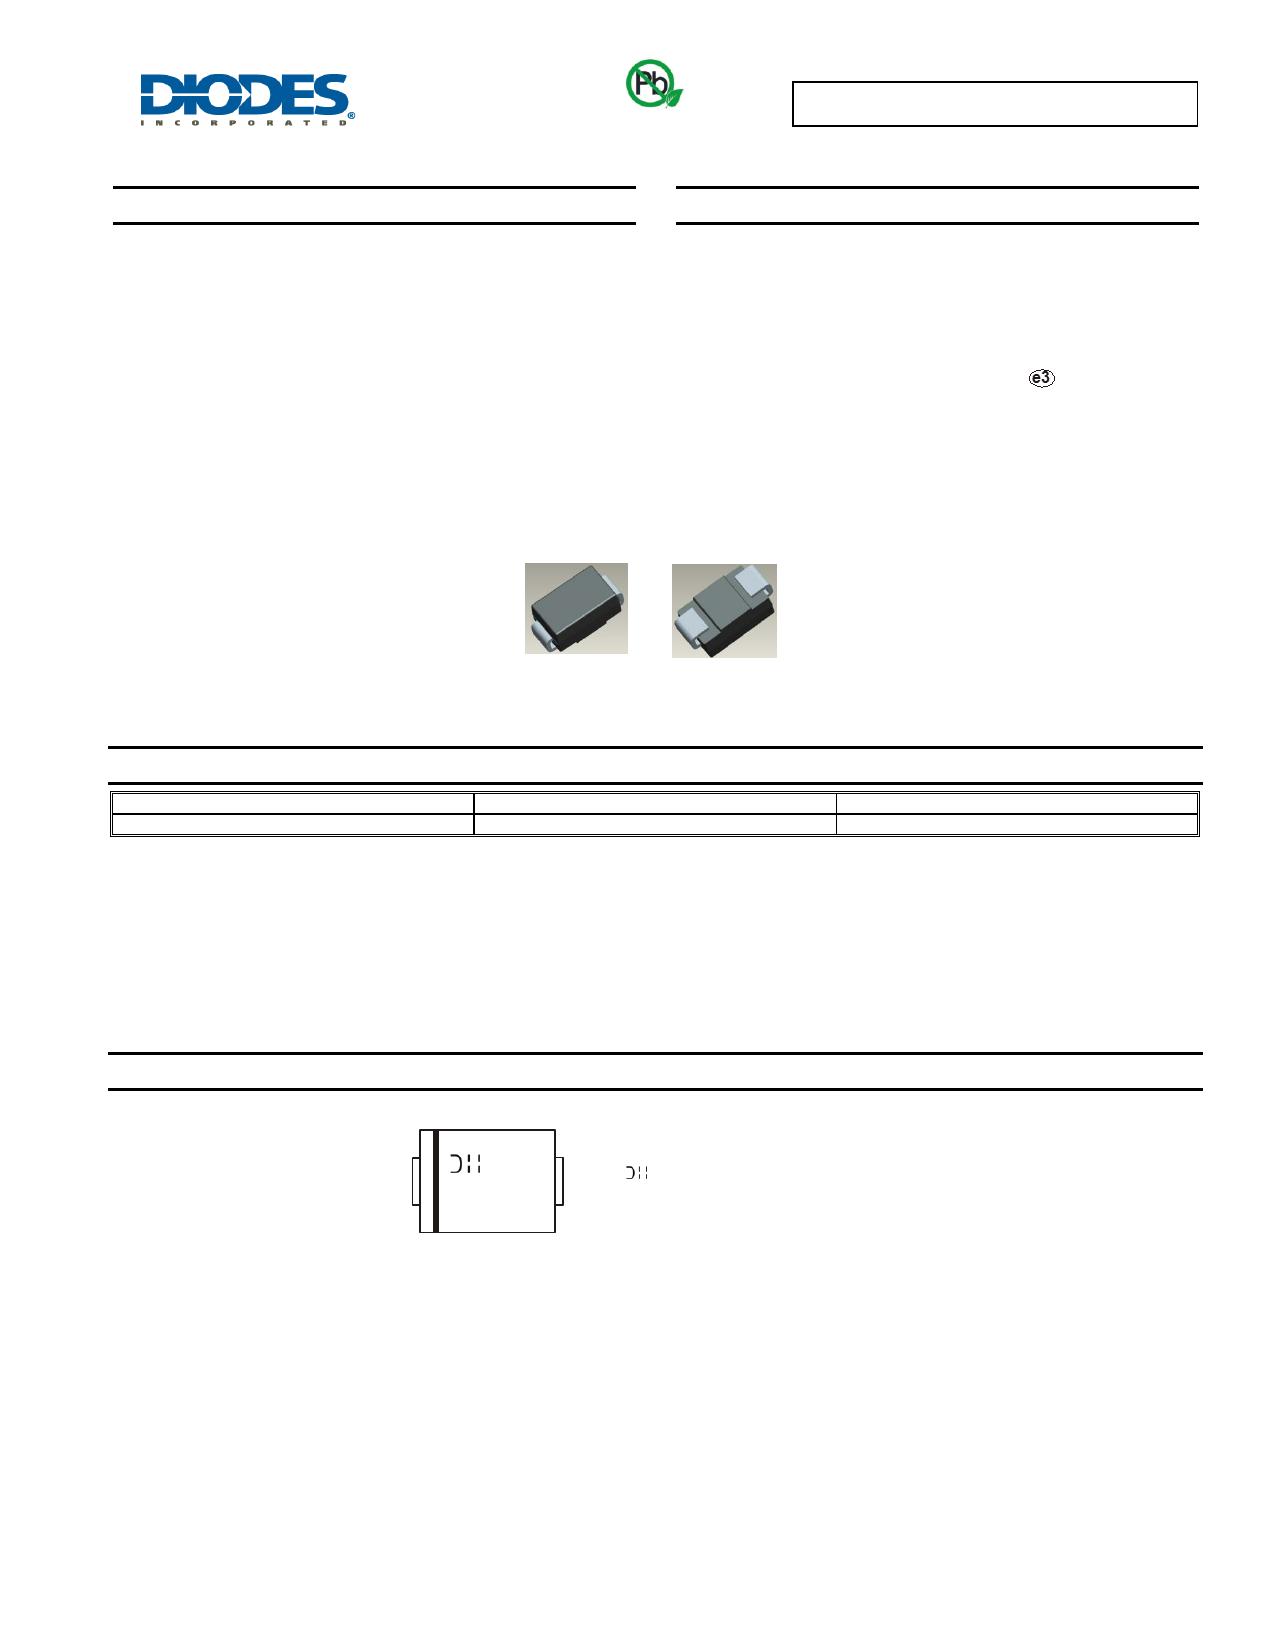 SMAJ7.0CA datasheet